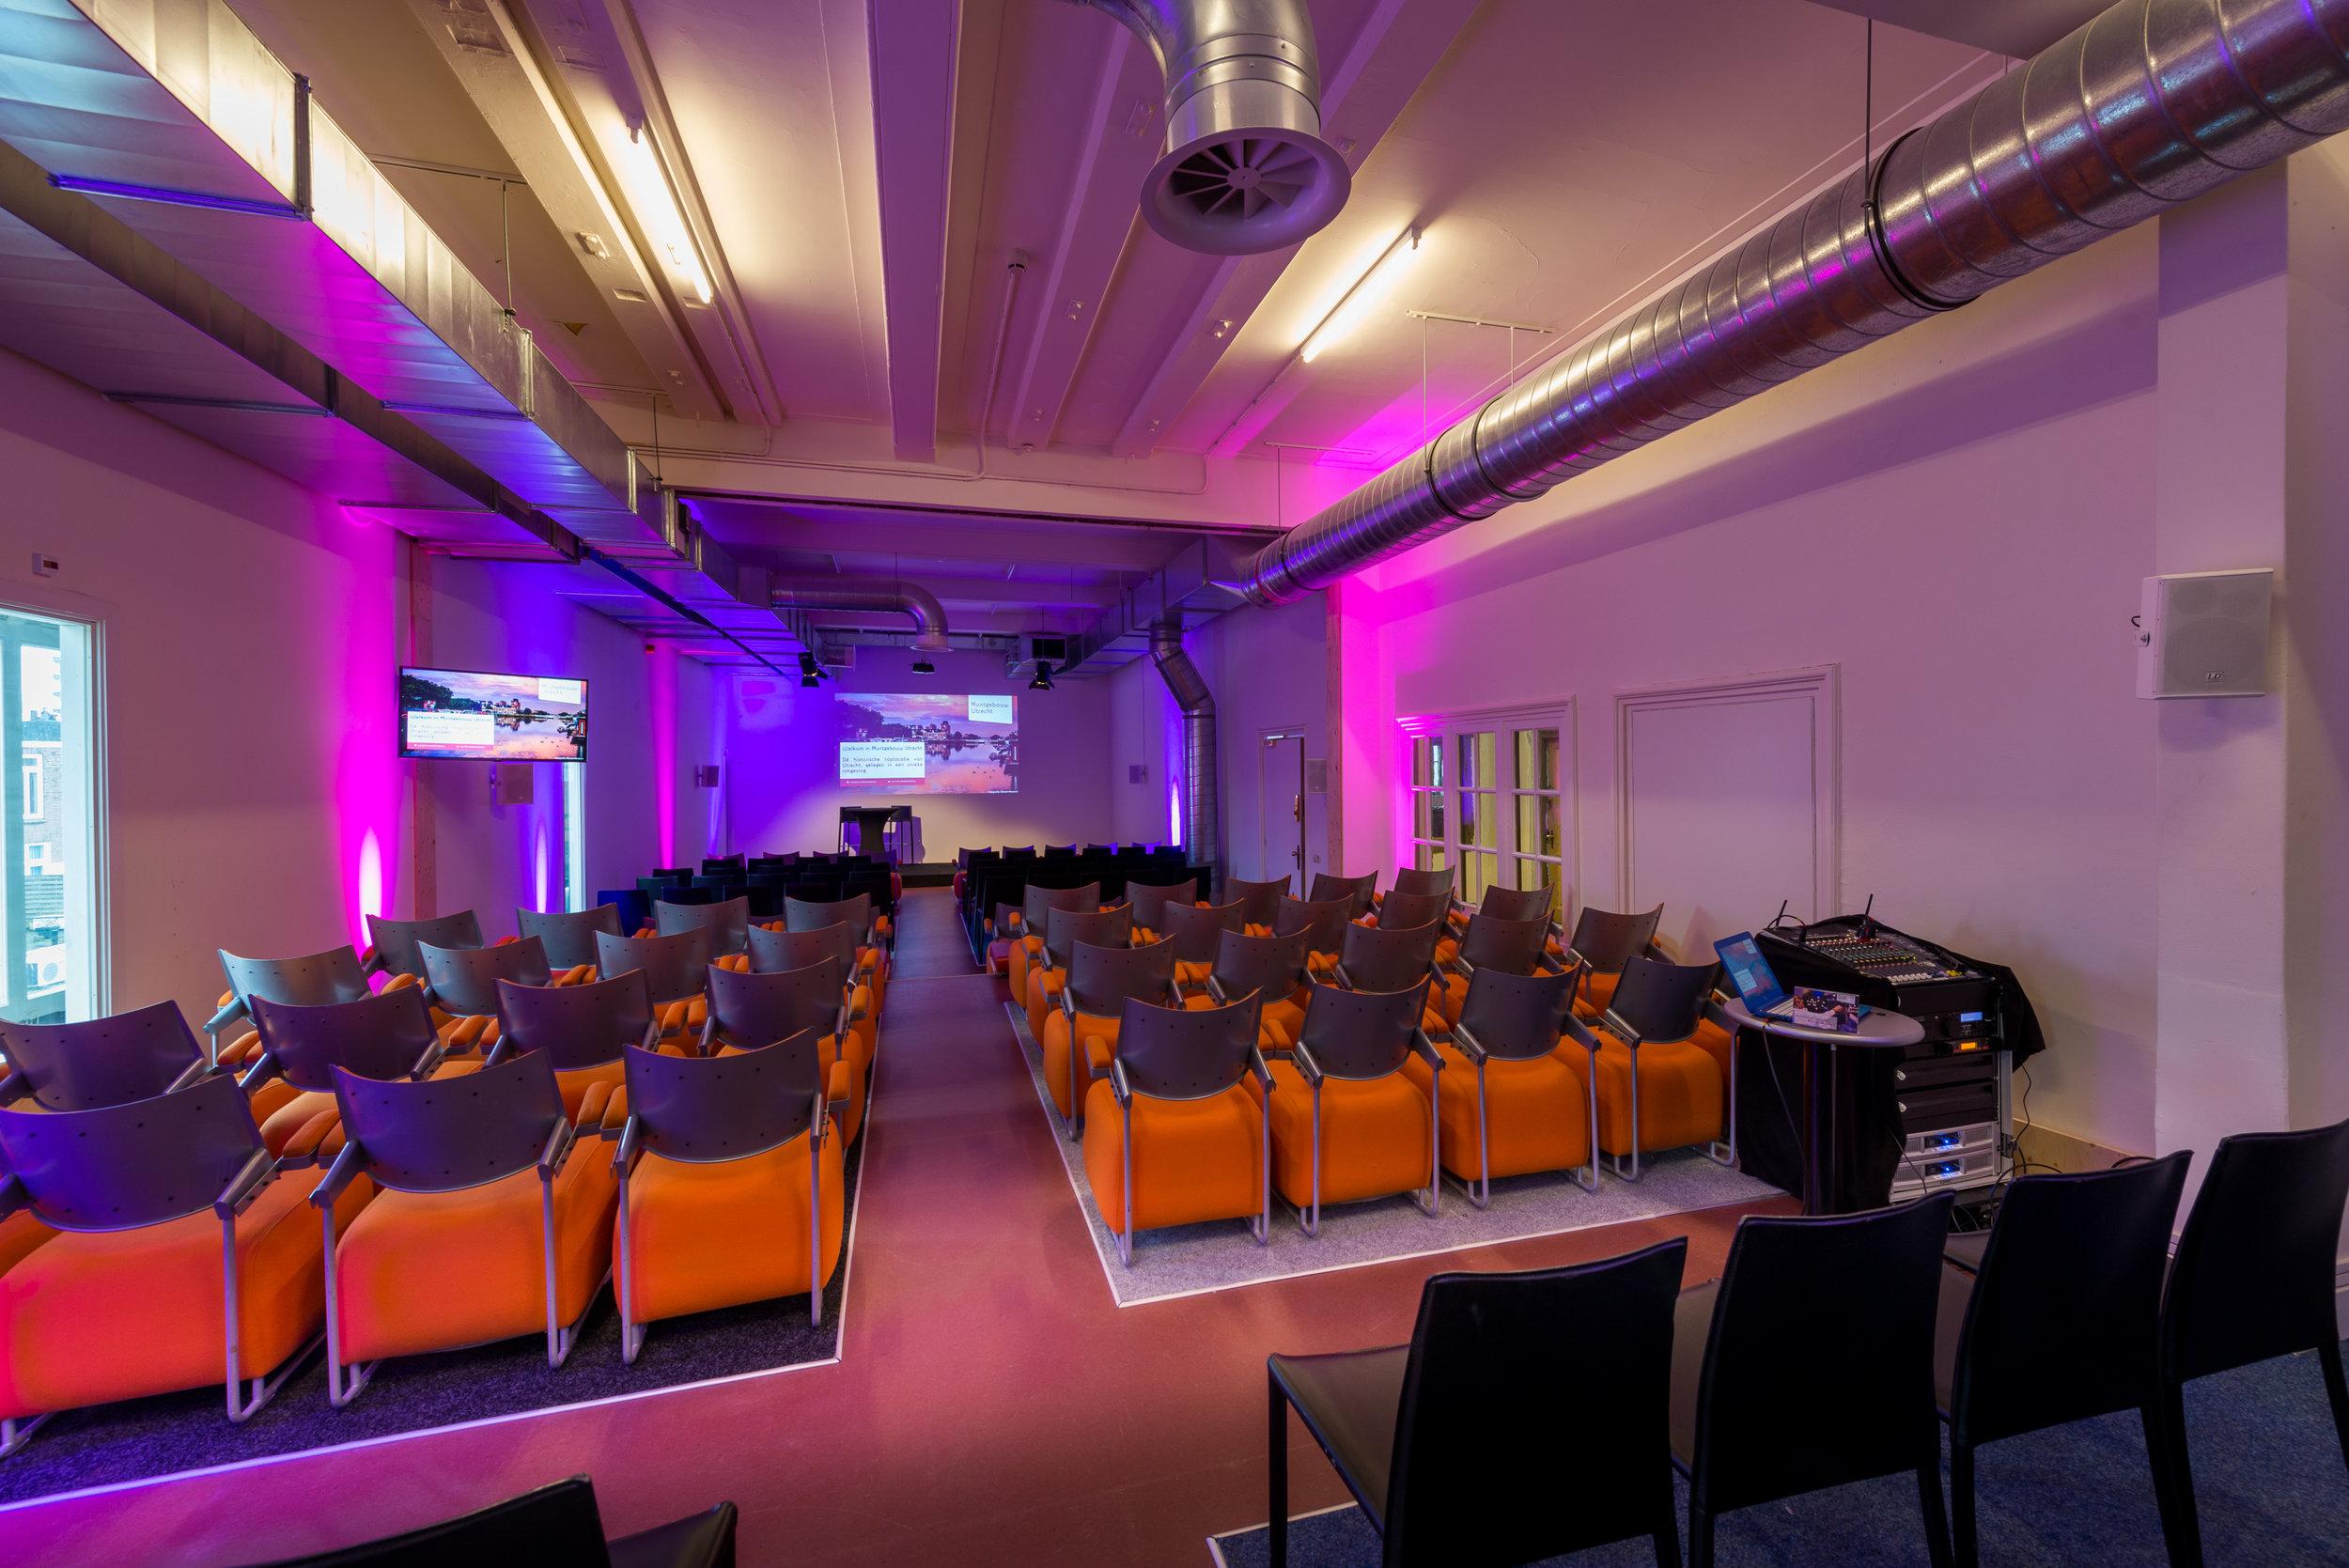 Muntstraat 9  Capaciteit 225 personen Zaalverhuur vanaf €1.150,-